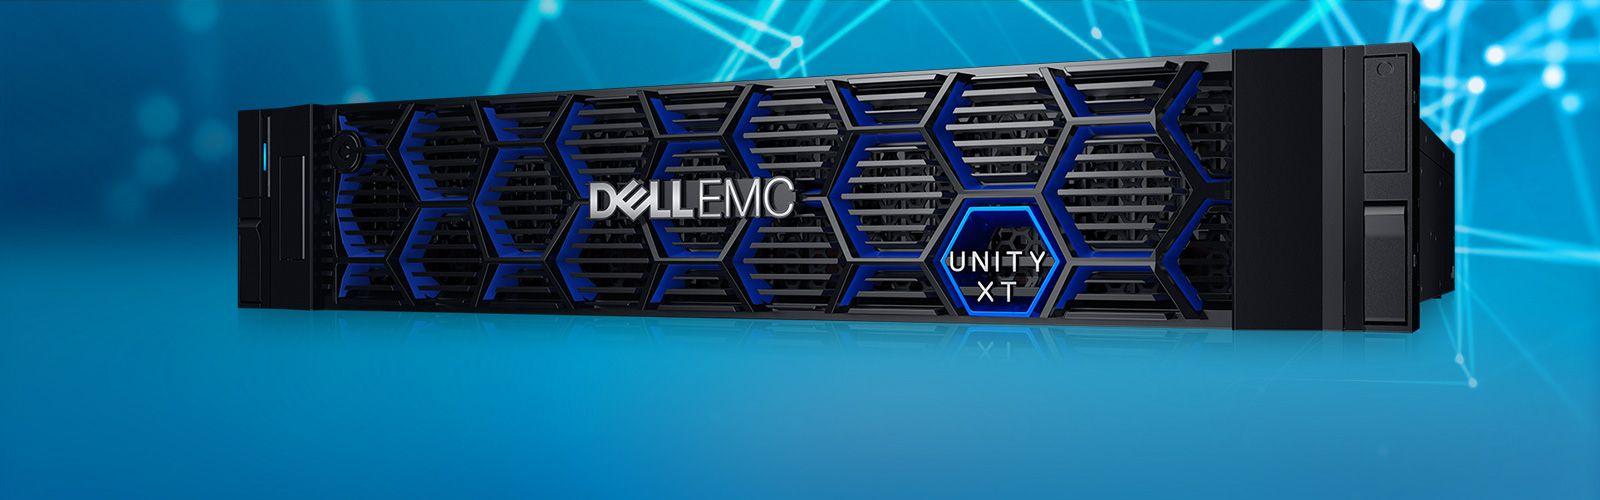 Унифицированная система хранения Dell EMC Unity XT All-Flash